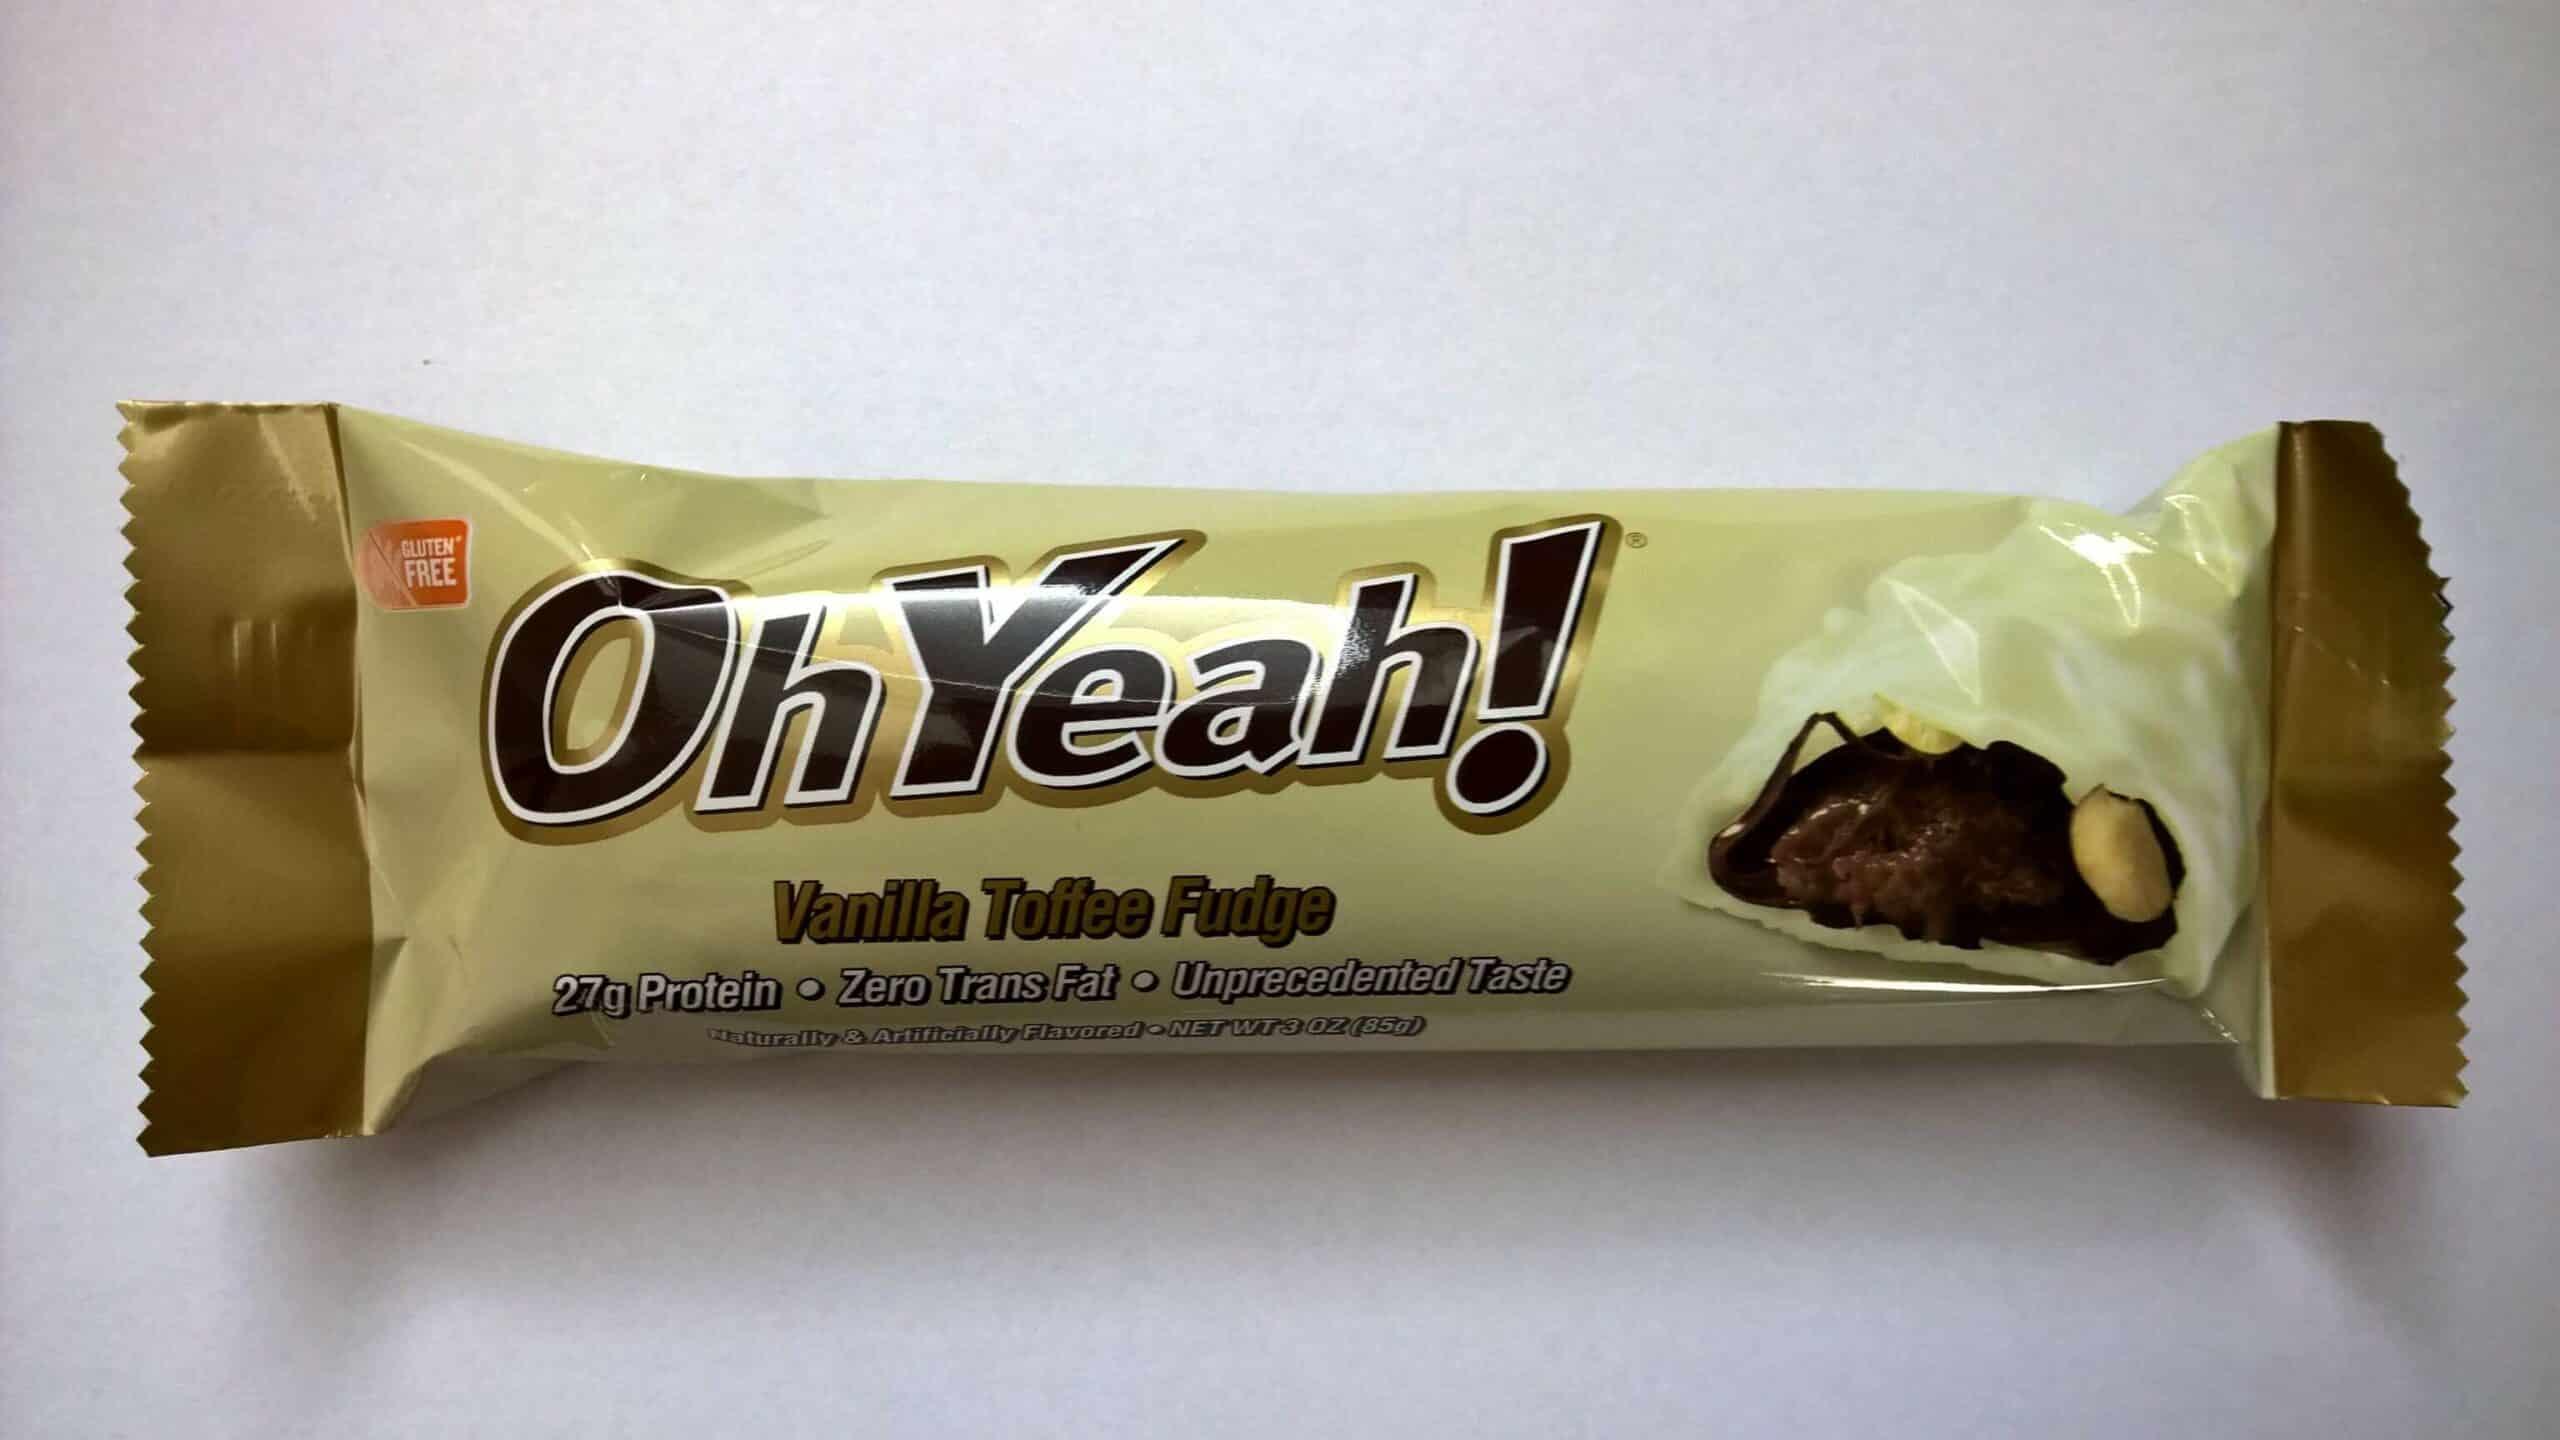 Test ISS Oh Yeah Protein Riegel Vanilla Toffee Fudge